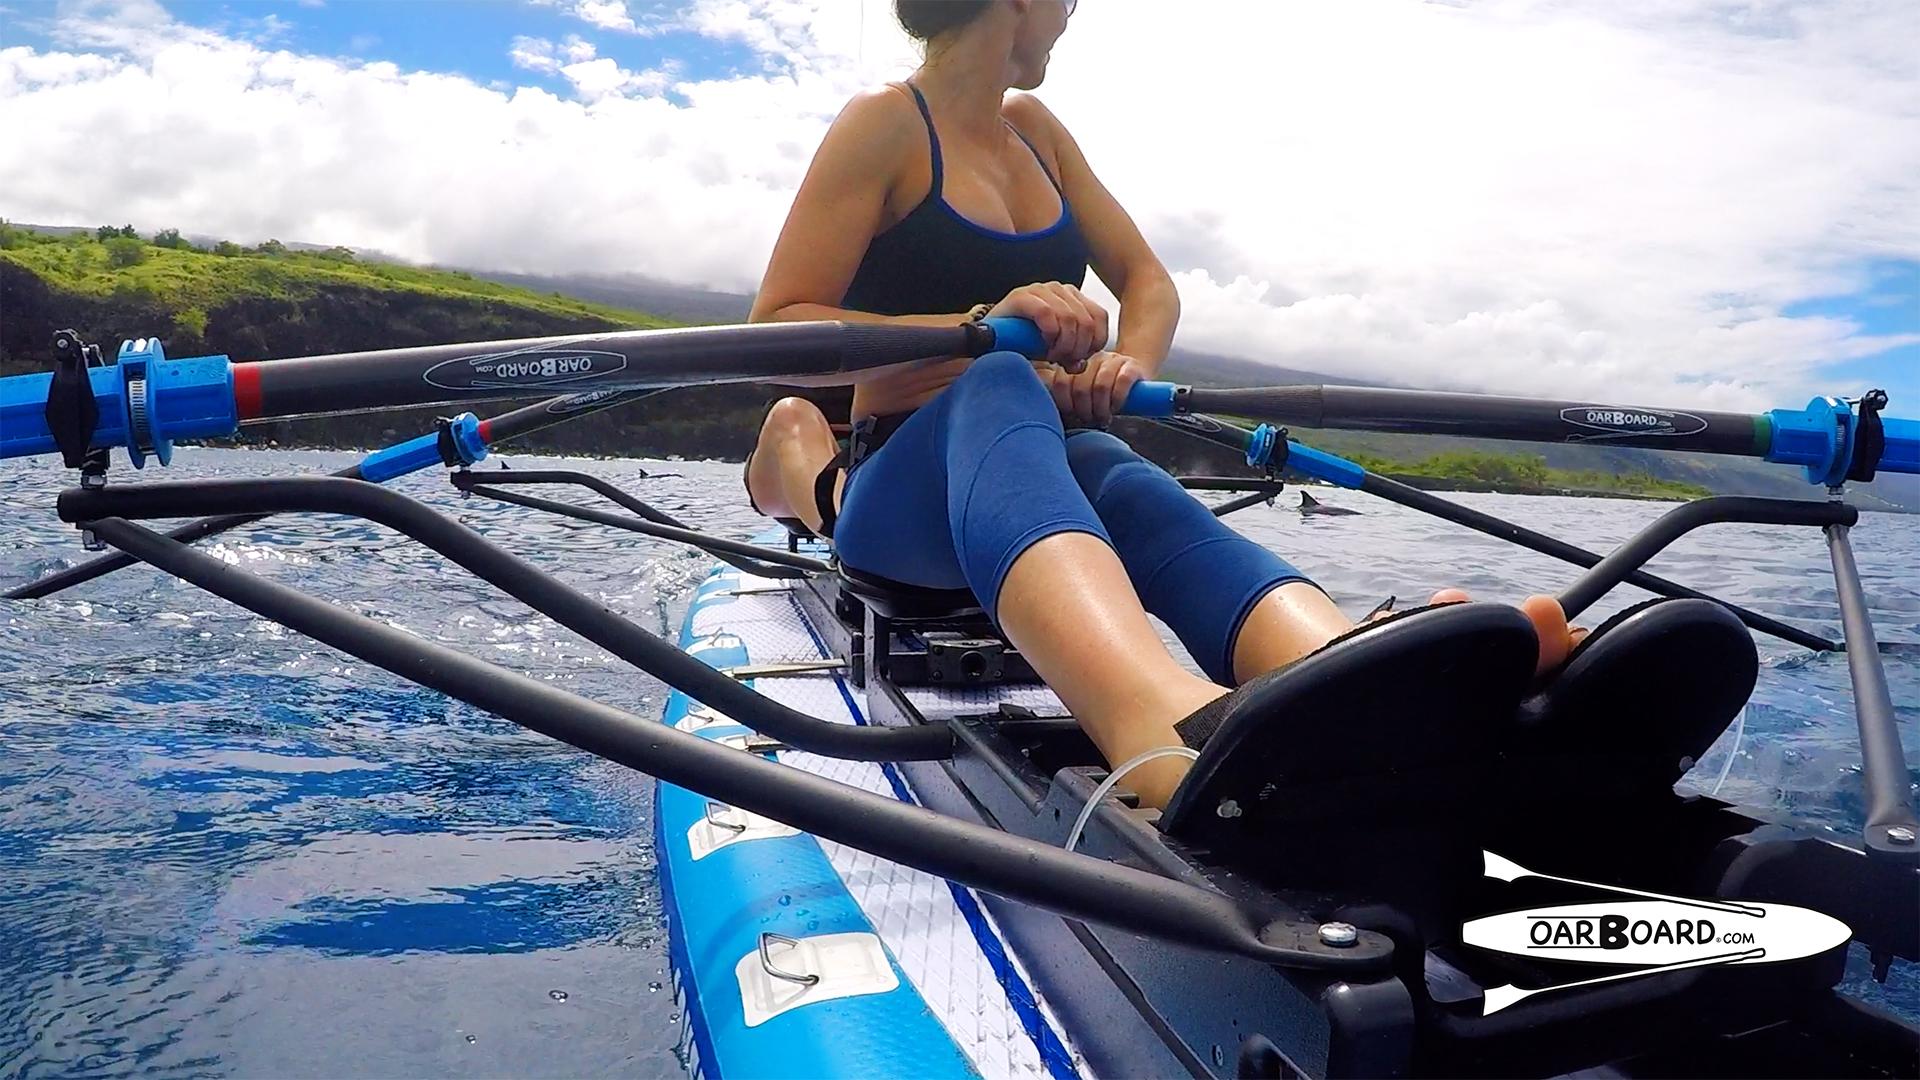 Oar-Board-Rowing-Dolphins-Hawaii-Row